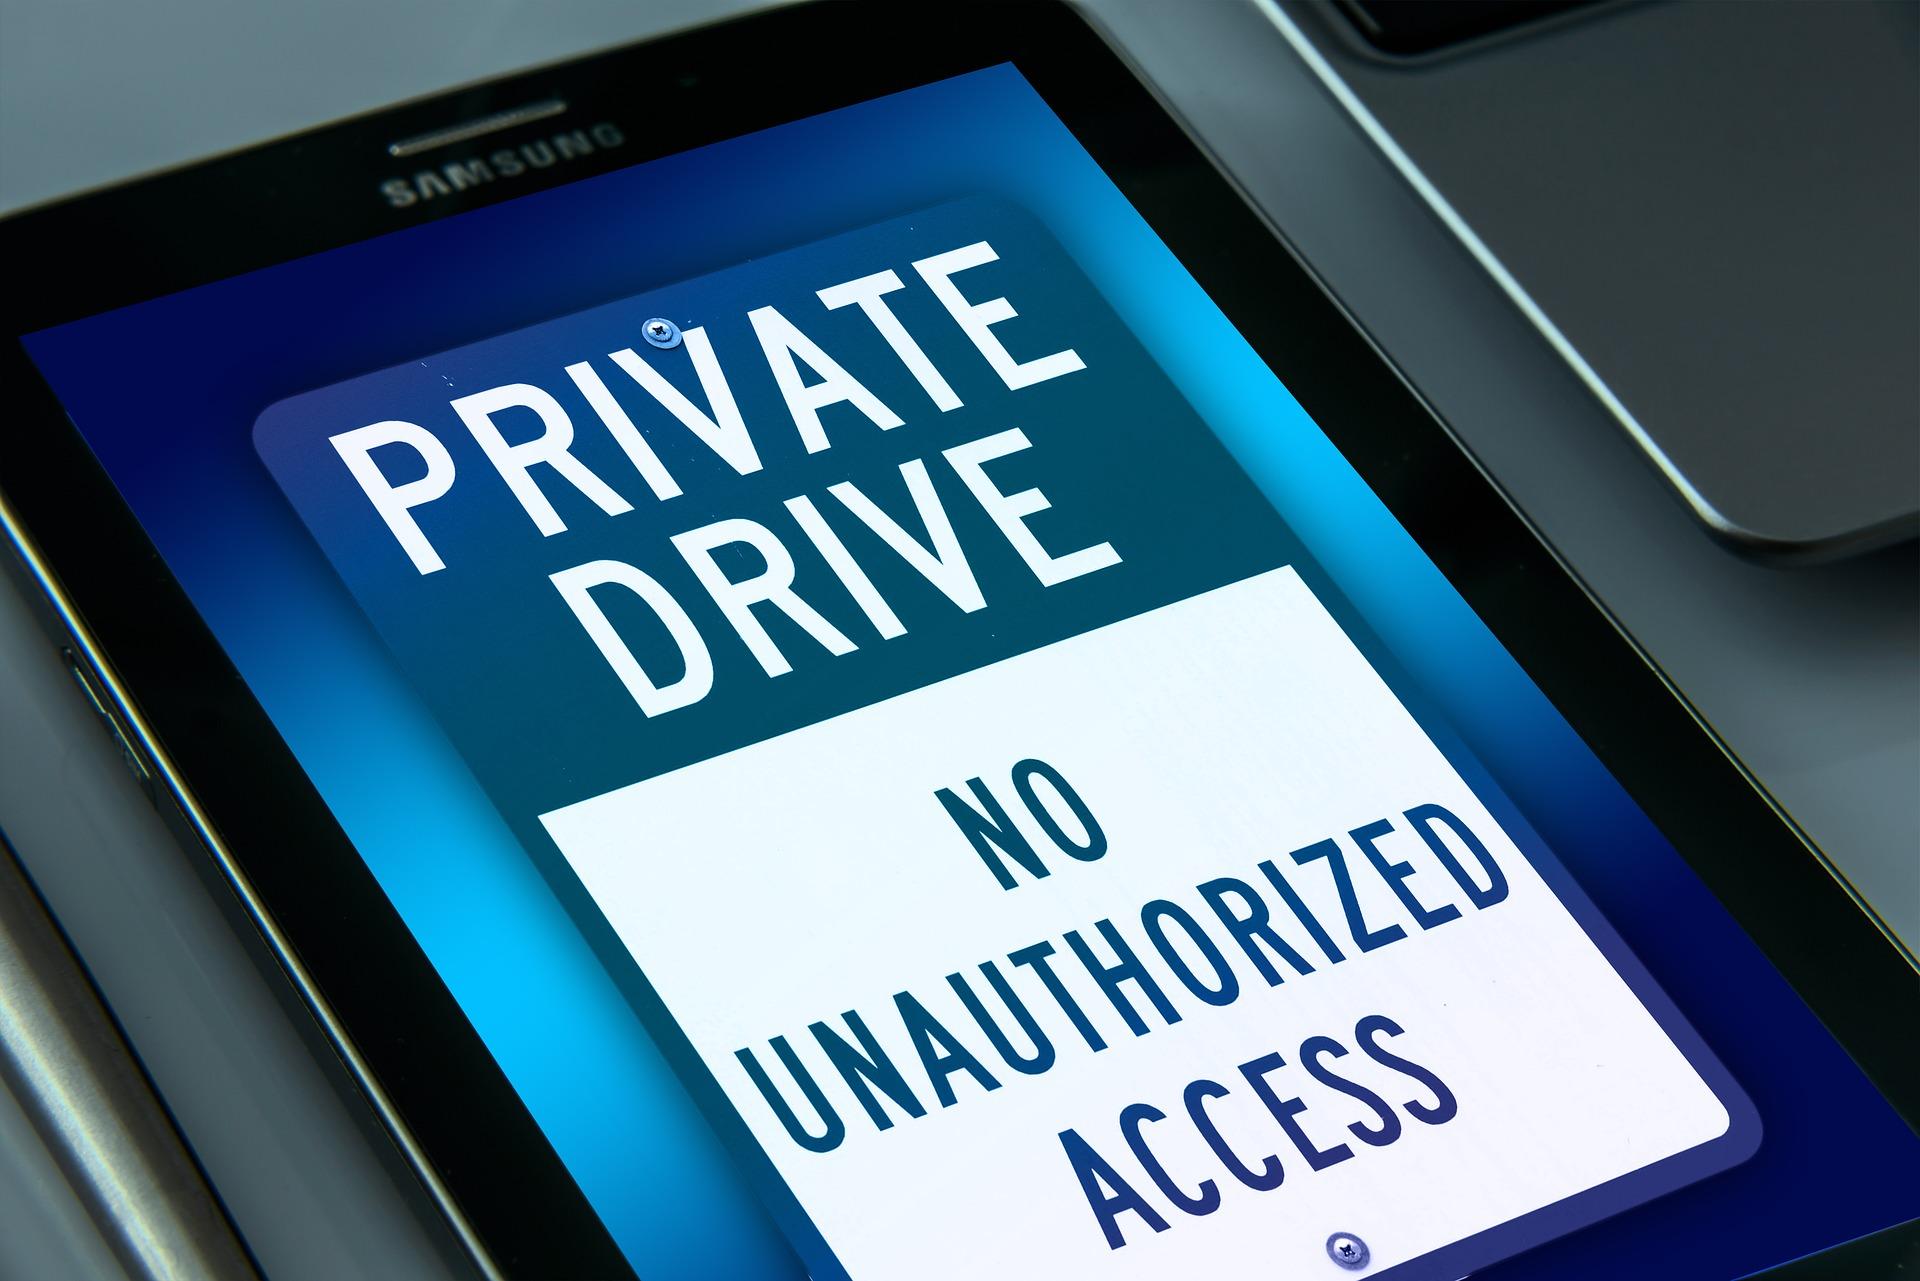 Геоблокировка как ограничивают доступ к информации и кому это нужно